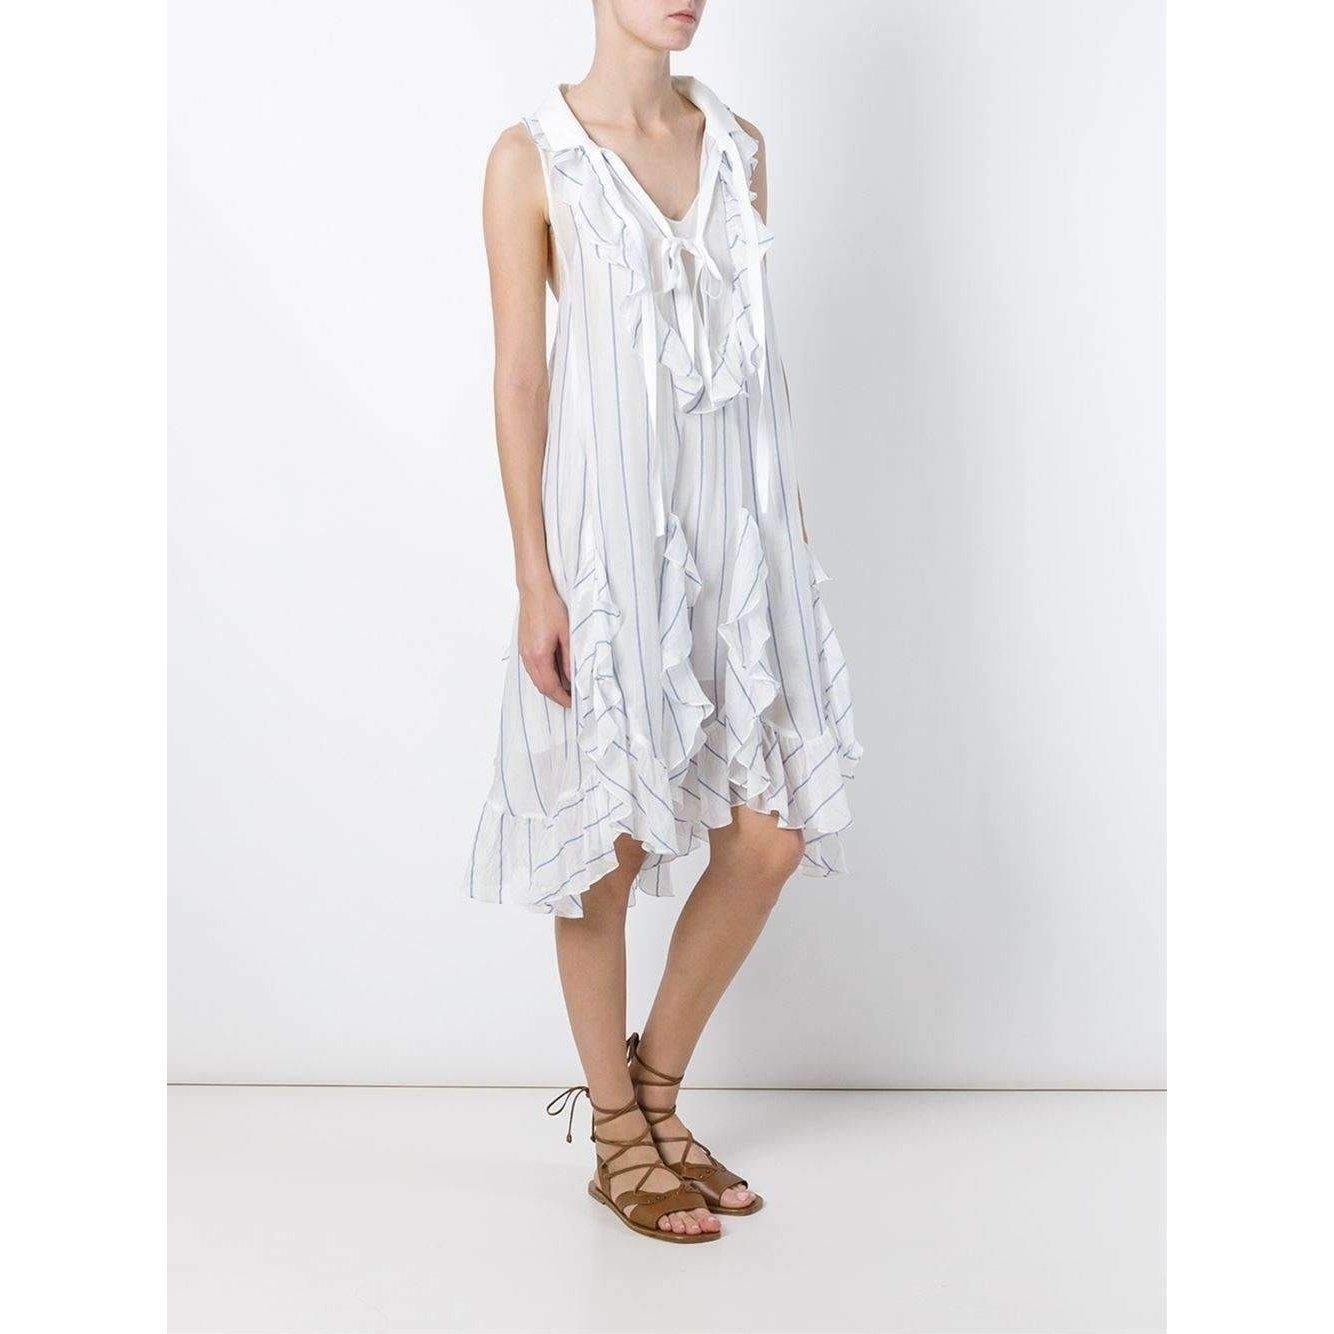 Chloe Chloé Ruffled Silk Loose Dress